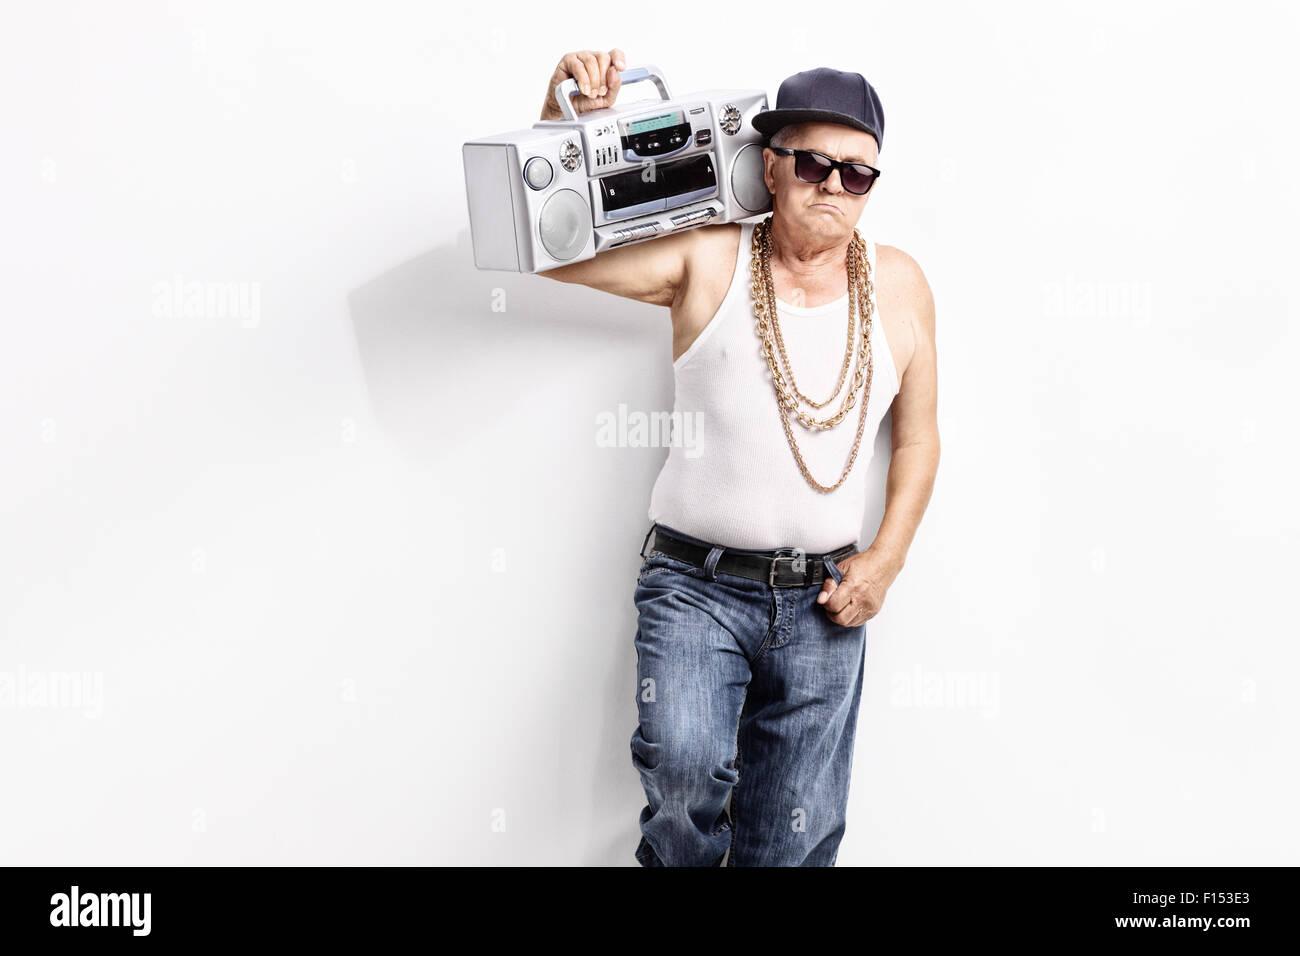 Uomo Senior in un hip-hop vestito che trasportano ghetto blaster sulla sua  spalla e guardando la telecamera 98a14c80be0f